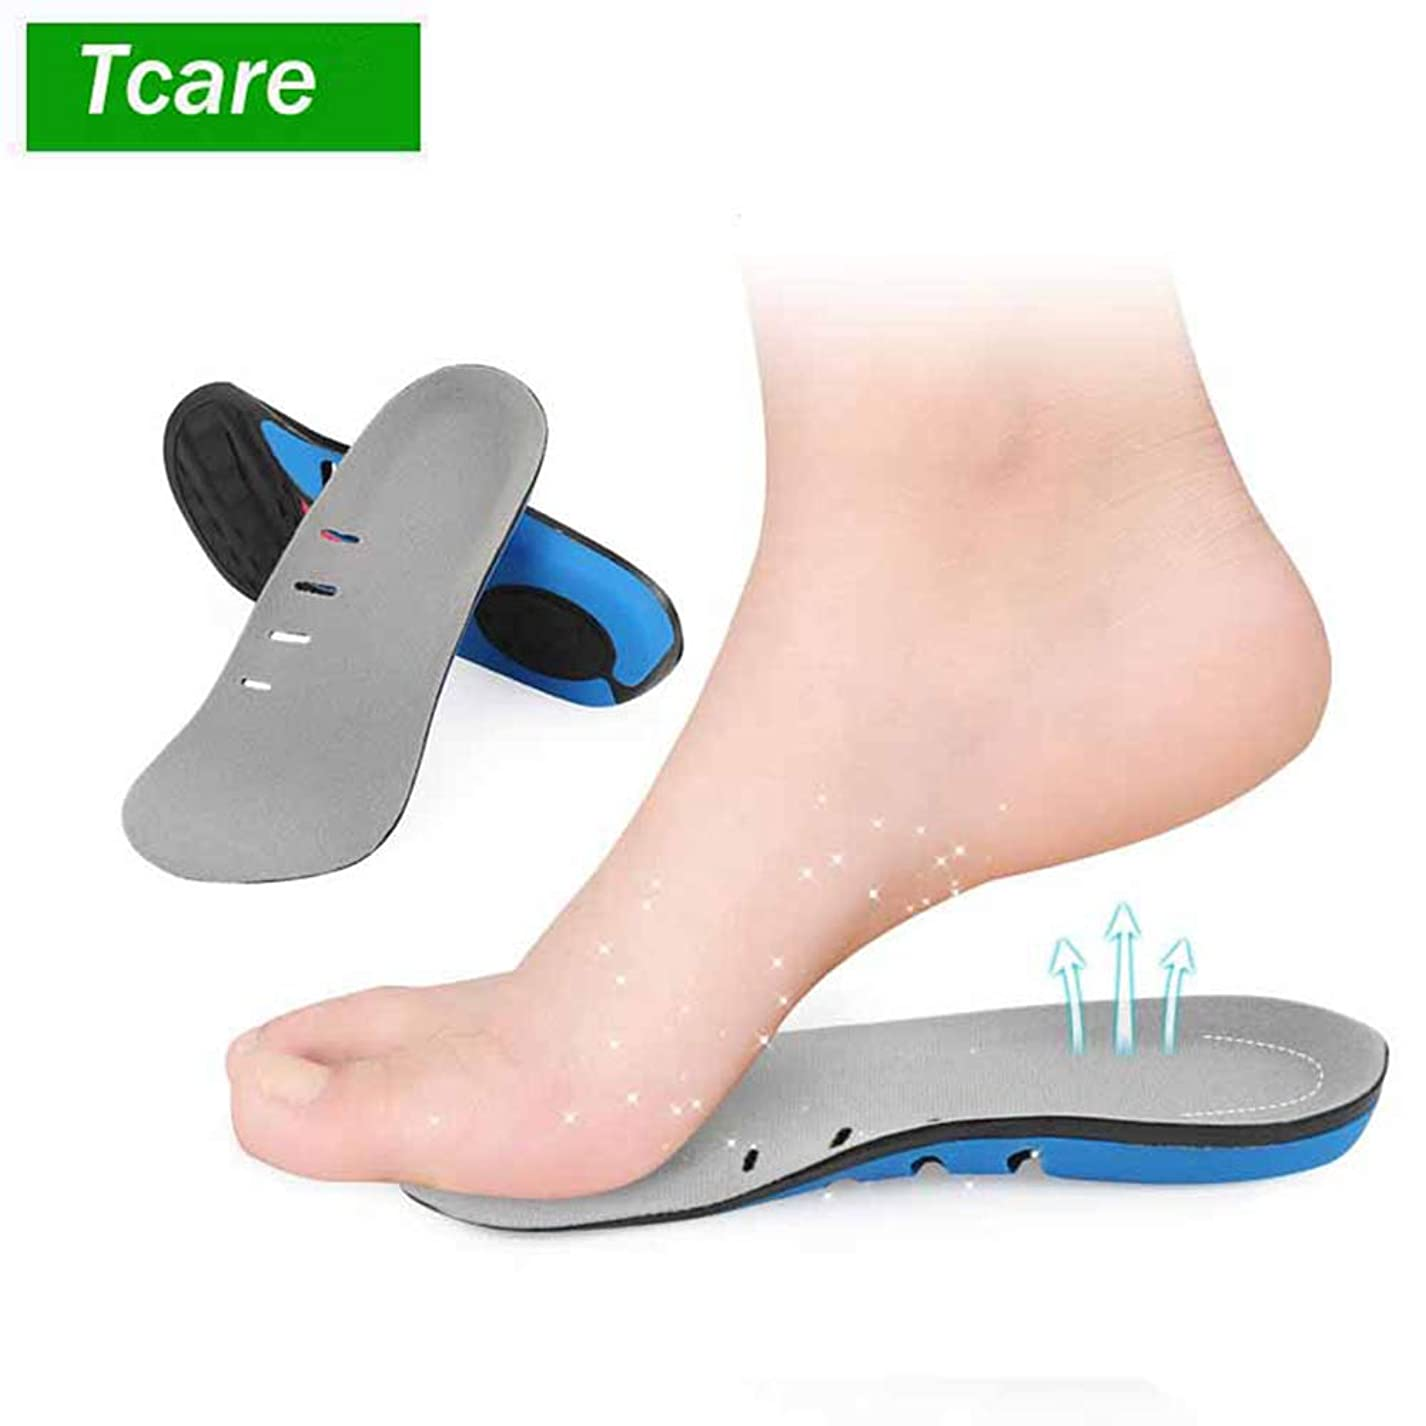 変色する行進漁師靴のマッサージシューズのインソールは、男性用/女性用の足底筋膜炎用インソール